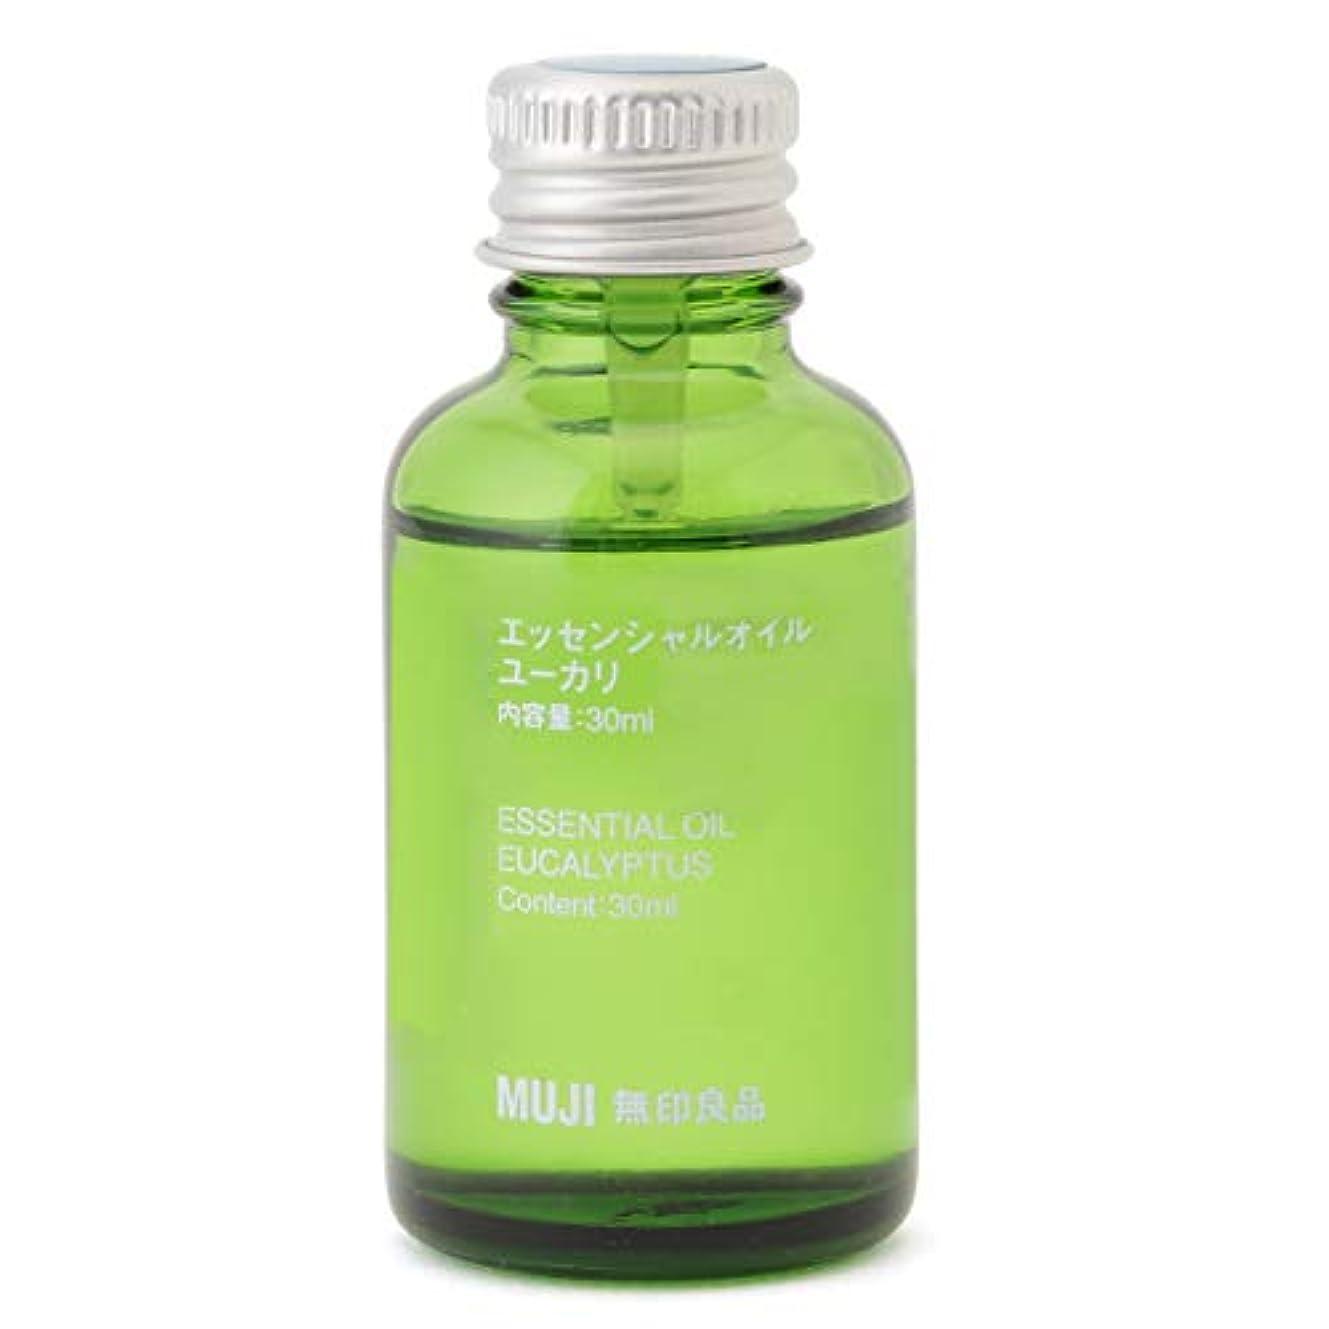 買い手受け入れる故障【無印良品】エッセンシャルオイル30ml(ユーカリ)